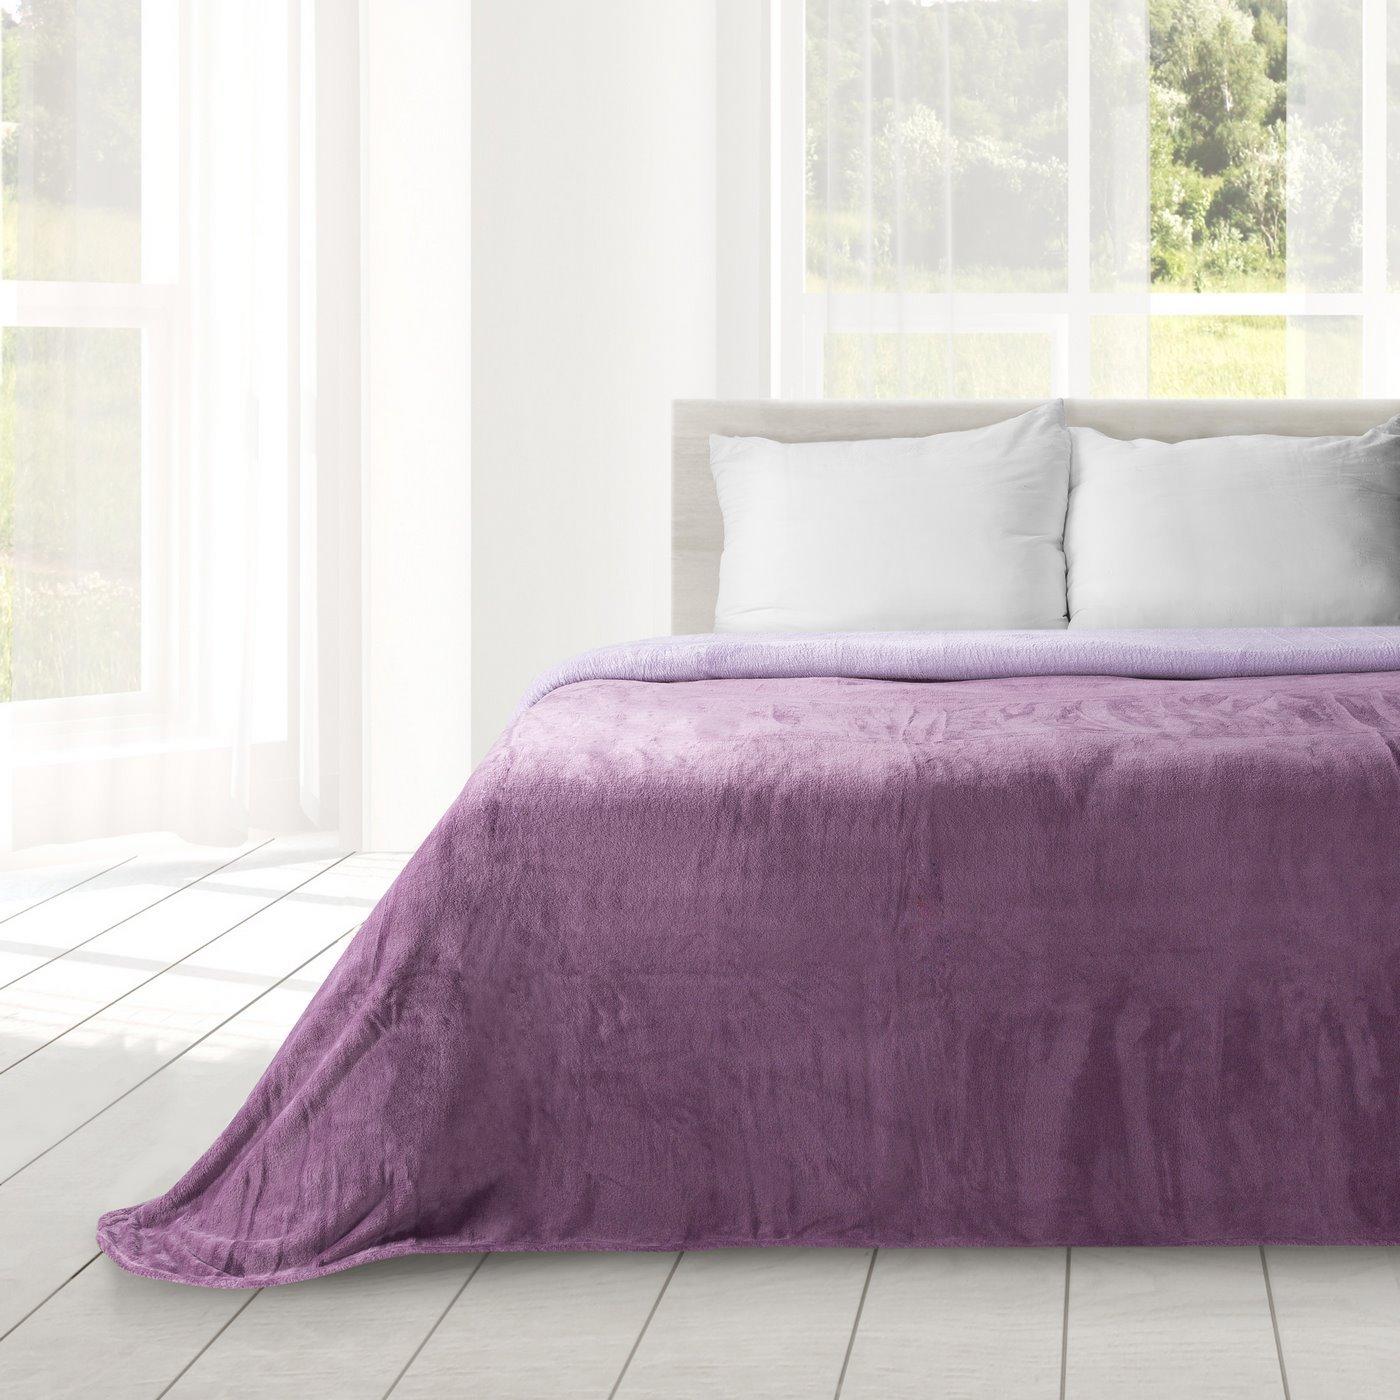 Miękki i puszysty koc dwustronny fioletowo-liliowy 170x210cm